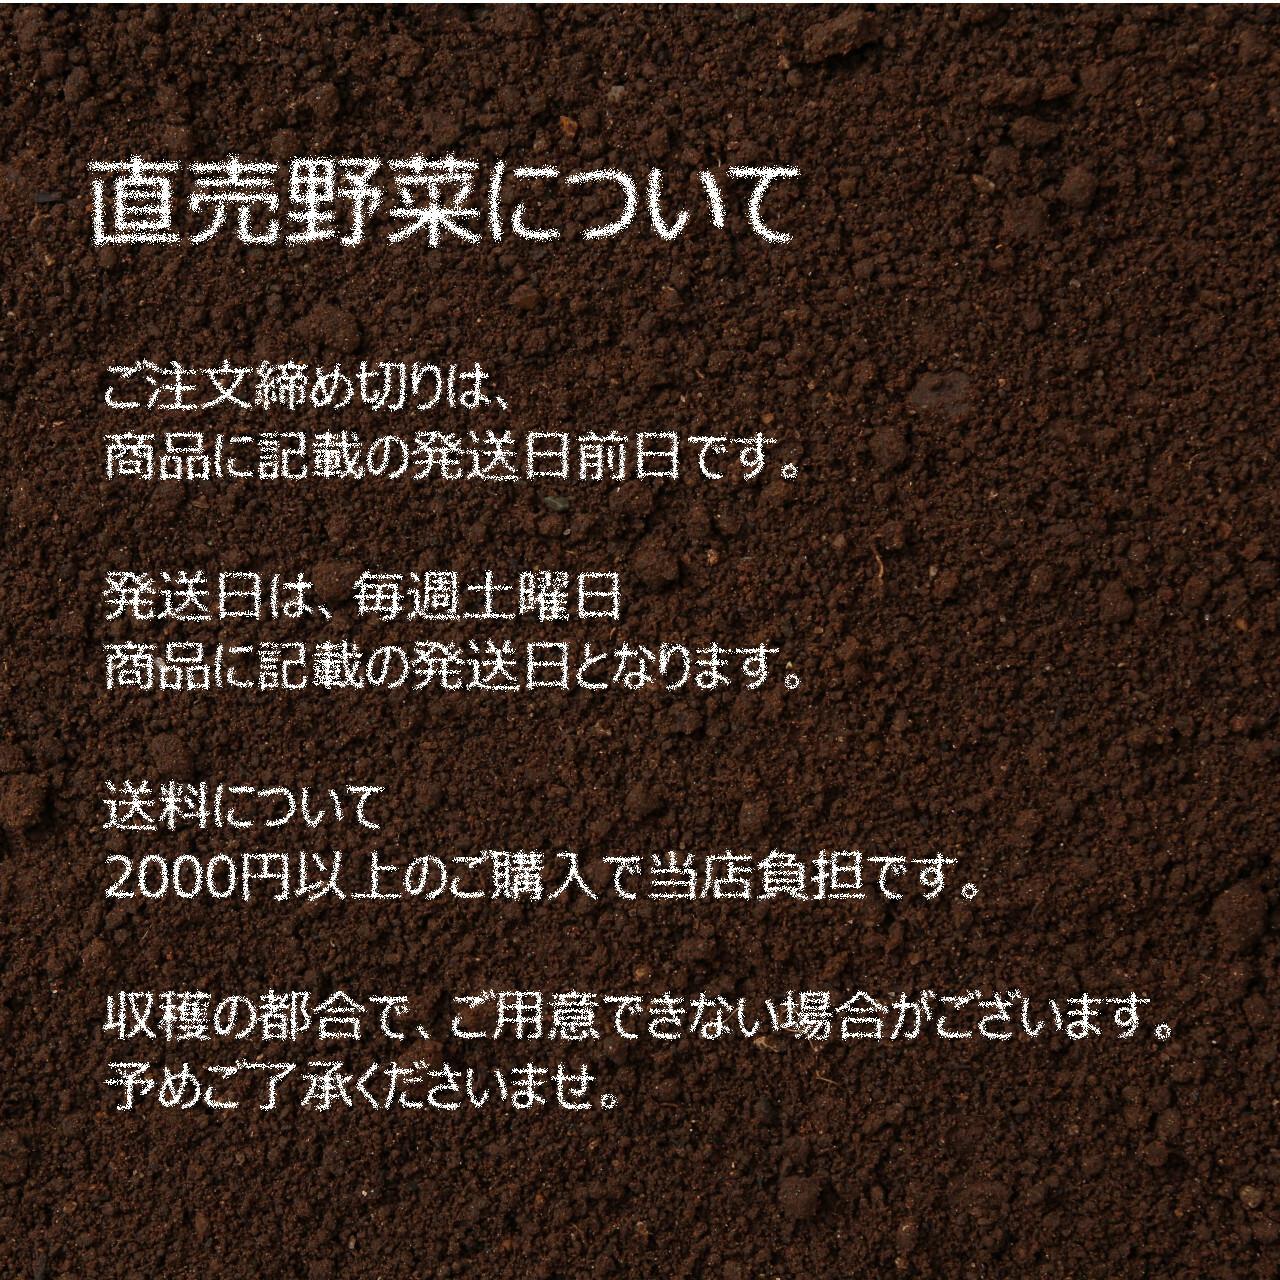 9月の朝採り直売野菜 : かぼちゃ 1個 新鮮な秋野菜 9月21日発送予定